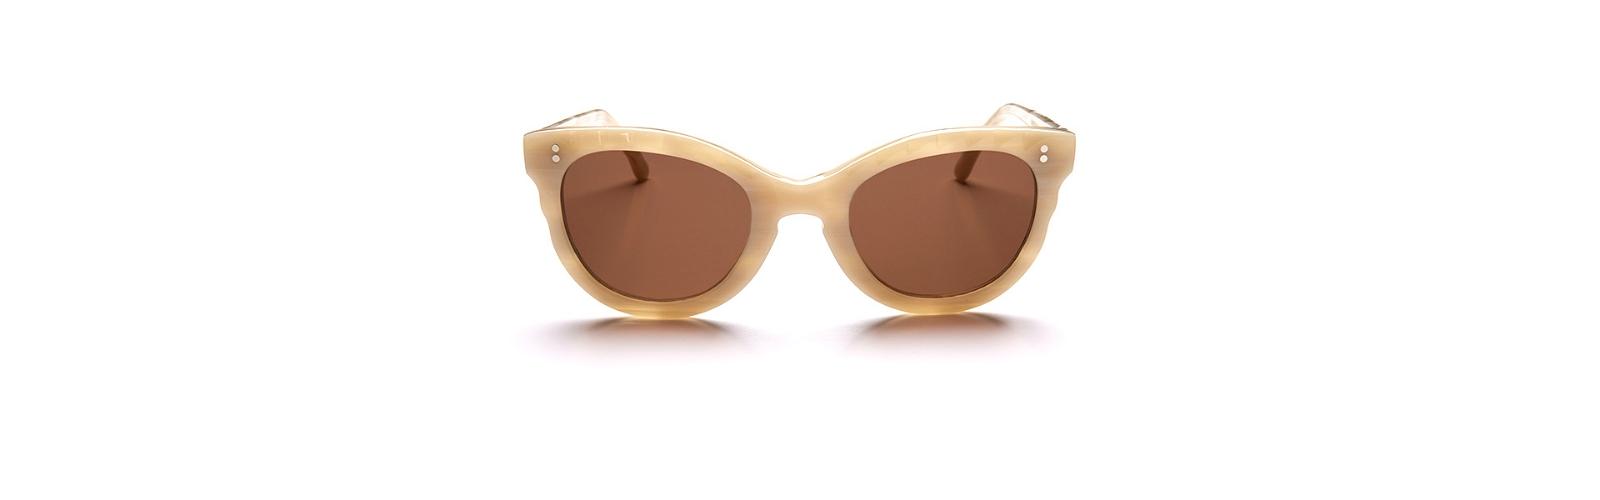 jamboree sunglasses brooklyn horn